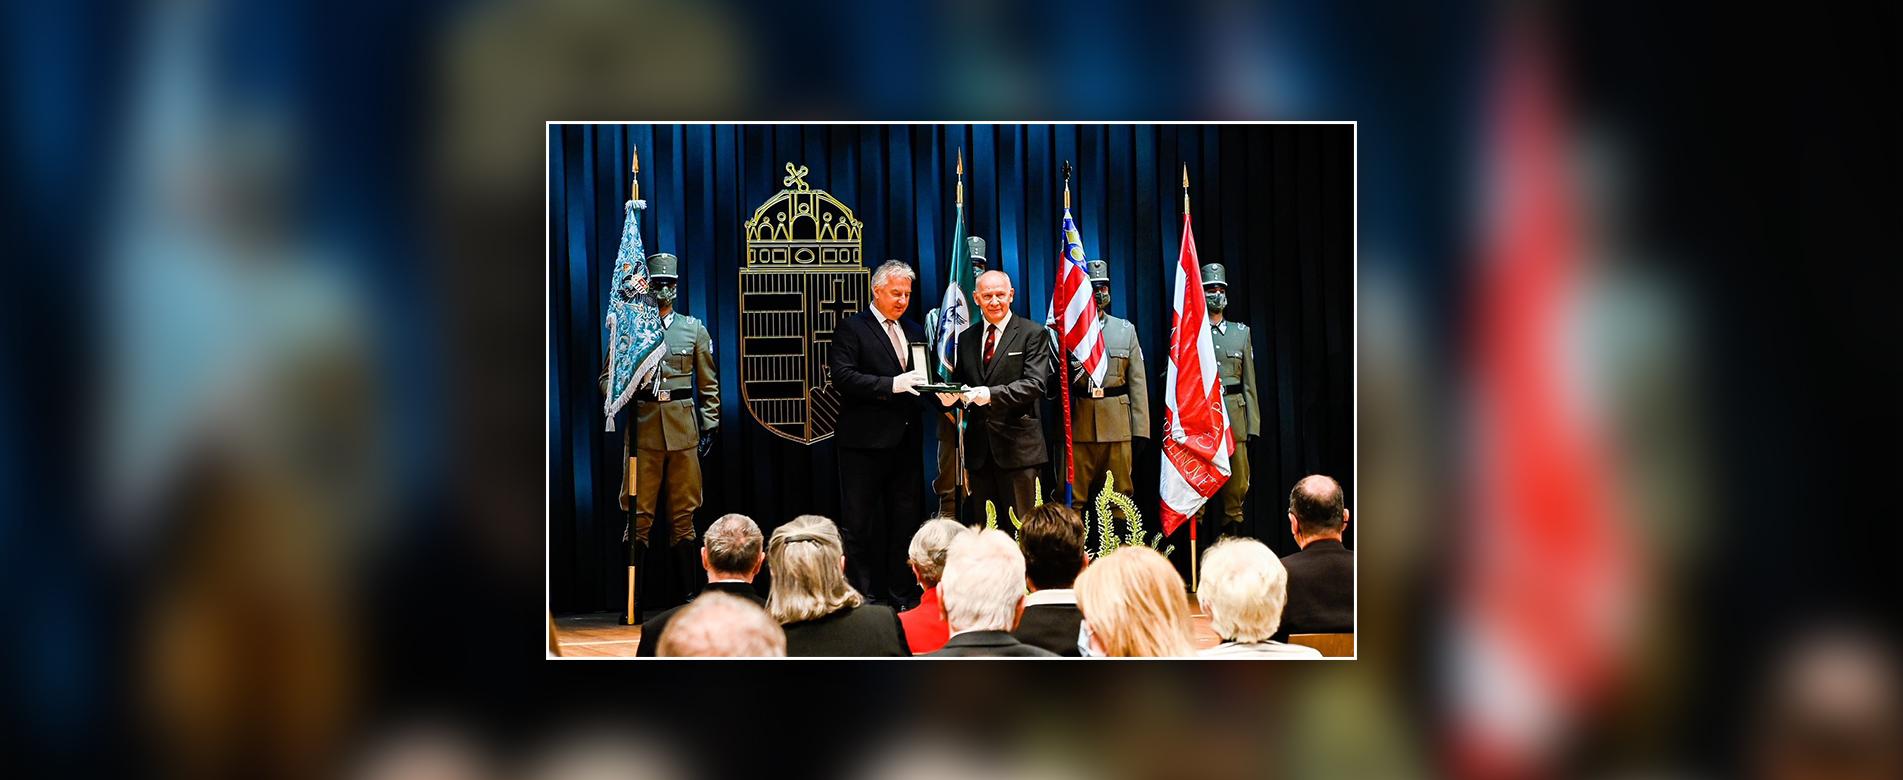 Átadták a március 15. alkalmából odaítélt kitüntetéseket